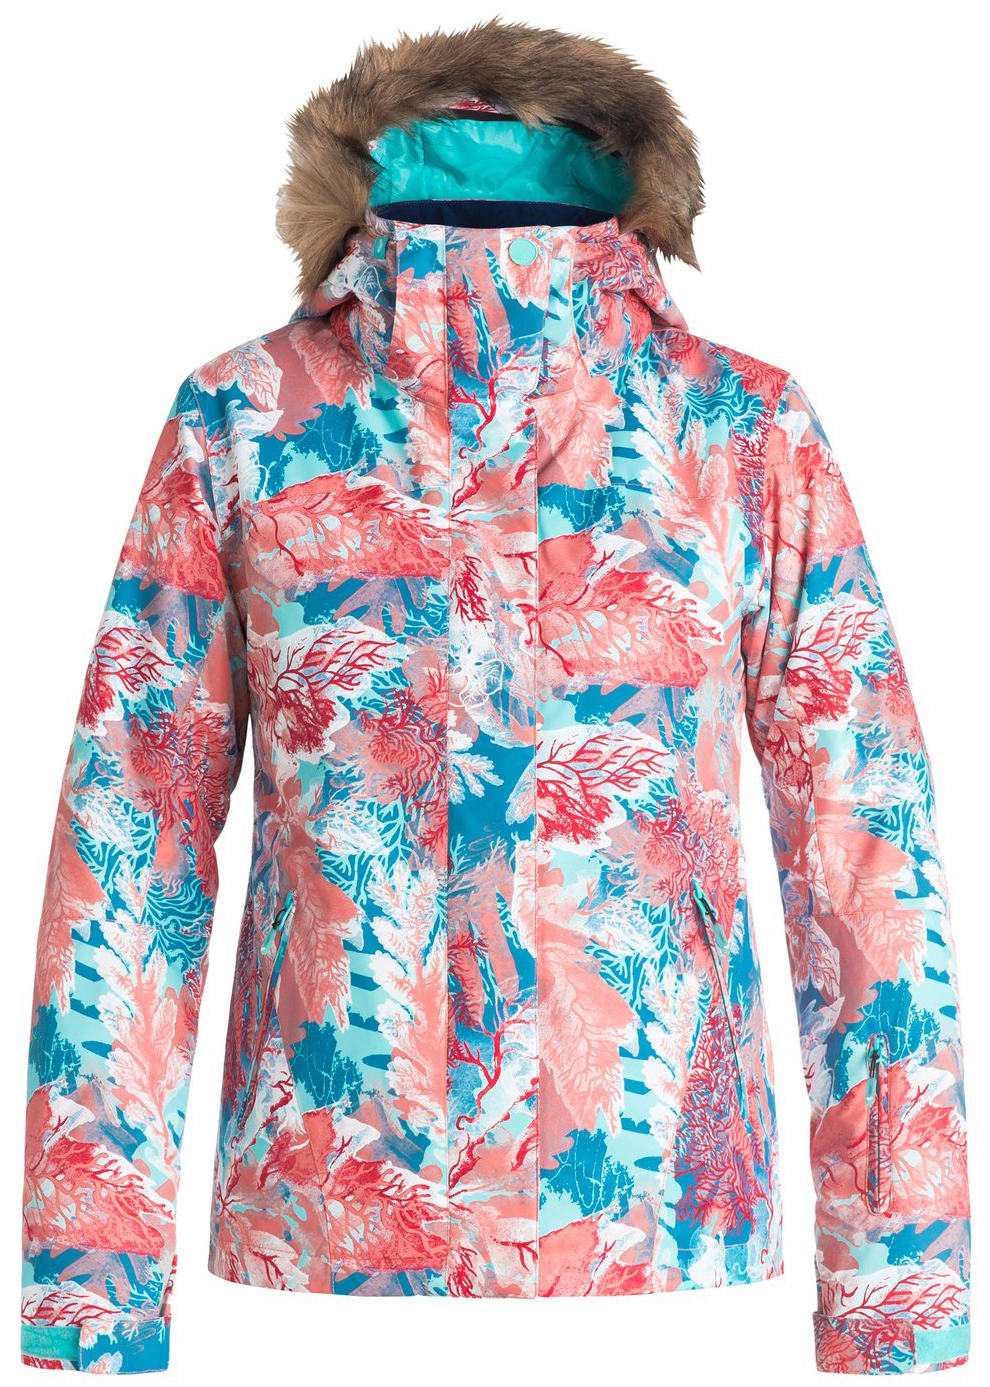 Roxy Jet Ski Snowboard Jacket - thumbnail 1 a6cc74a4209c